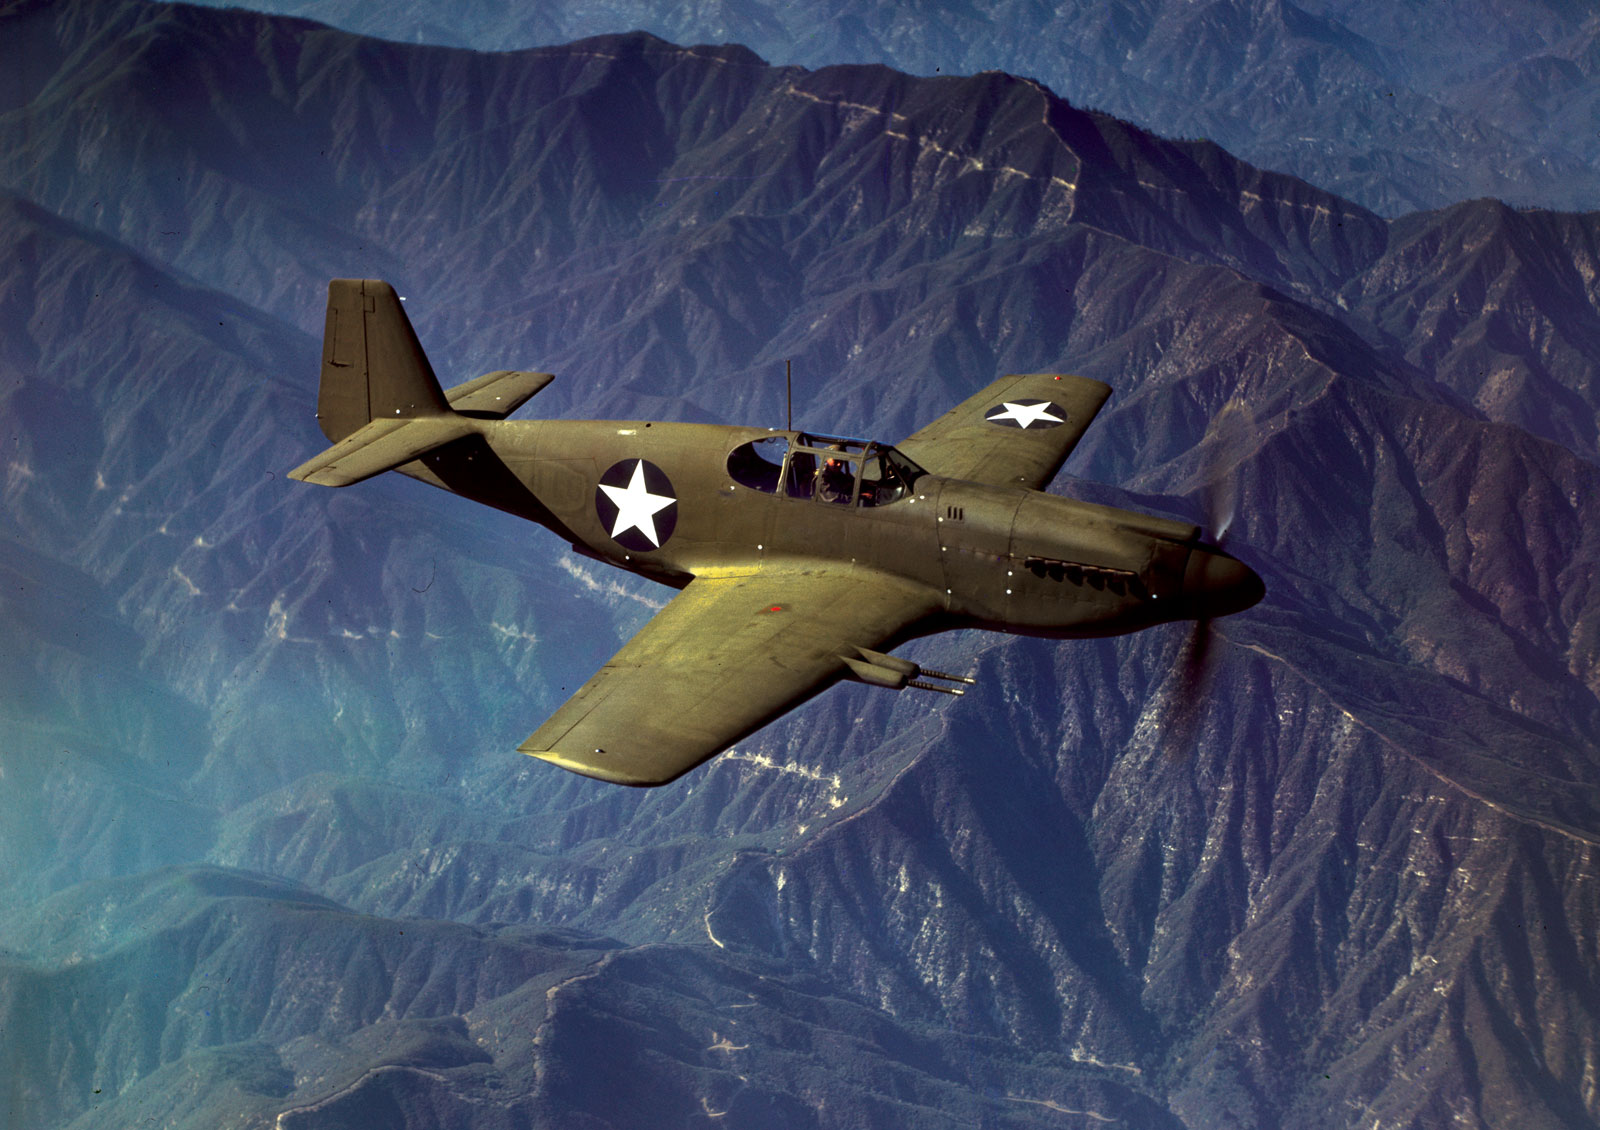 P-51-Mustang-fighter.jpg